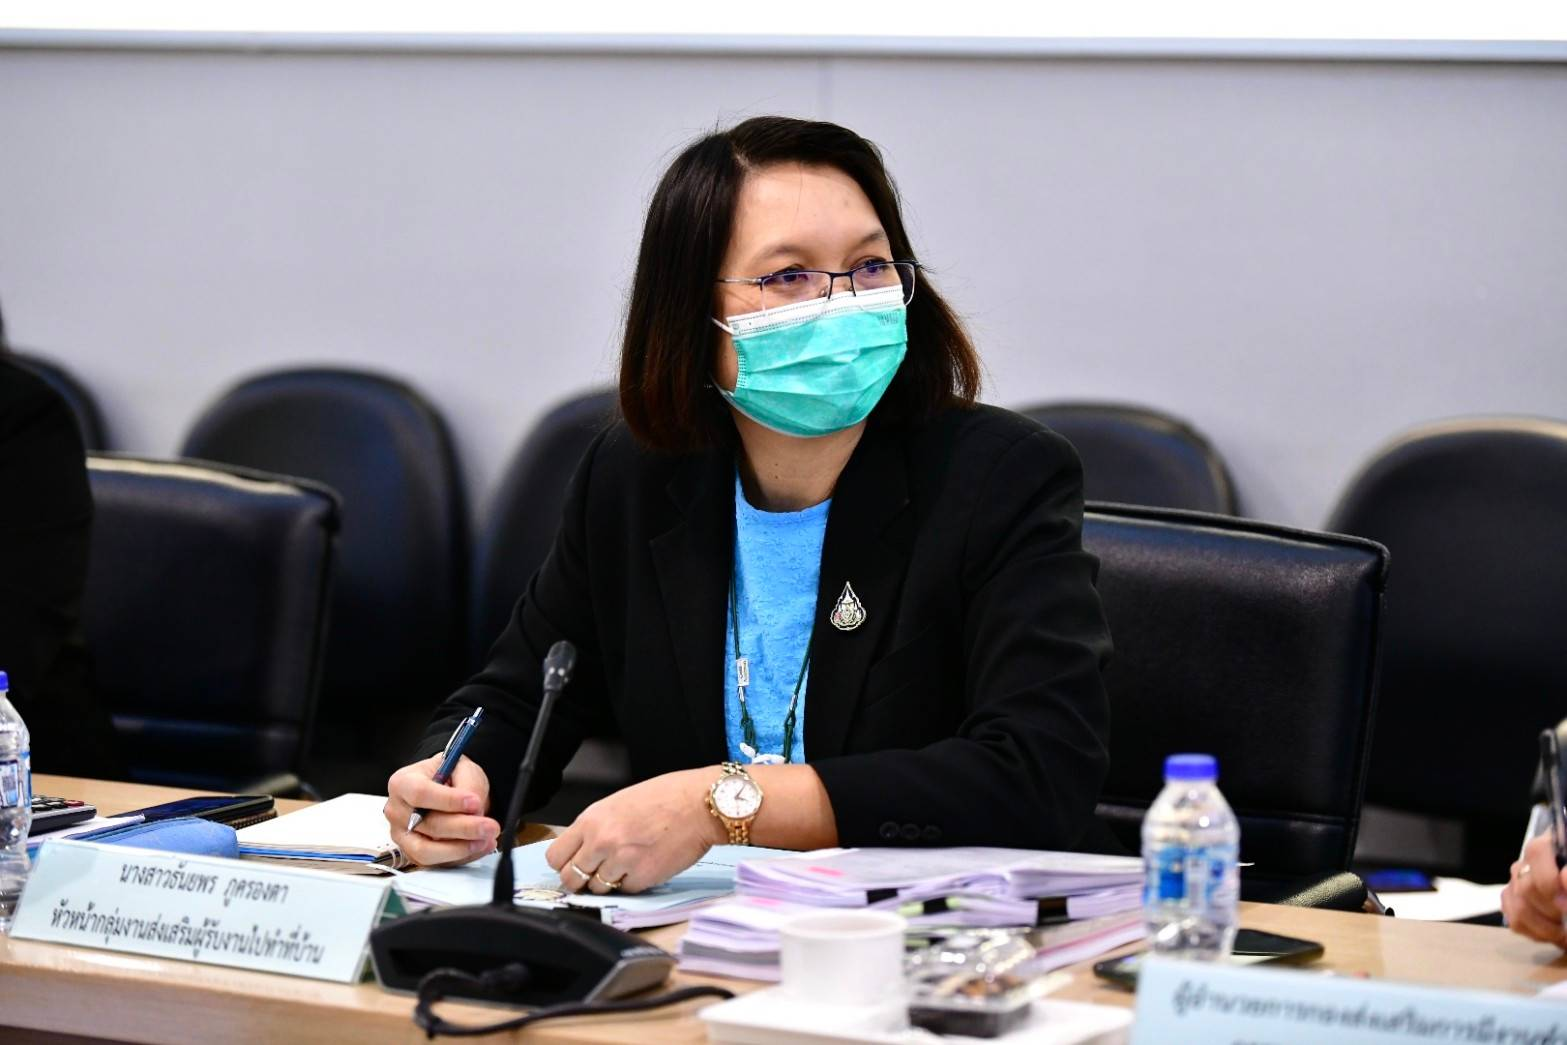 กรมการจัดหางาน ประชุมคณะกรรมการบริหารกองทุนเพื่อผู้รับงานไปทำที่บ้าน ครั้งที่ 2/2564